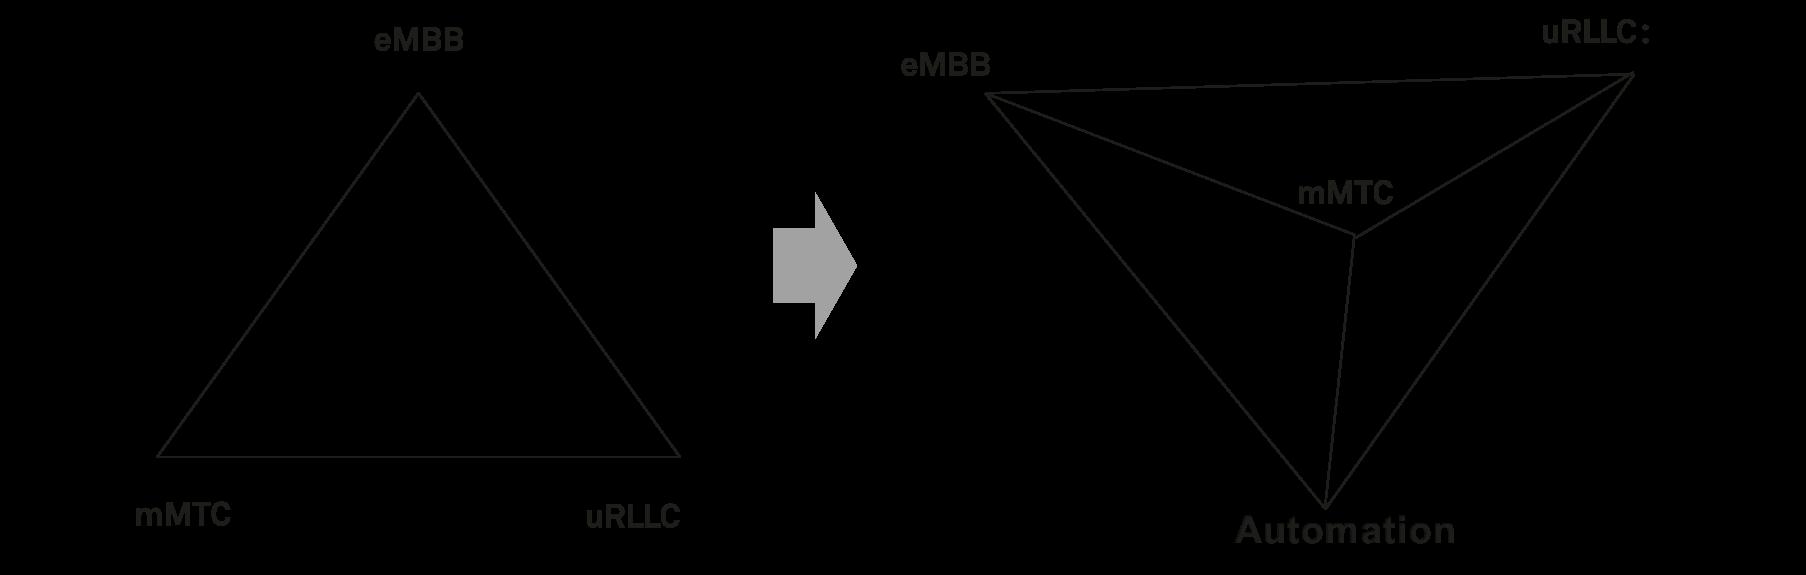 构筑5G第4维:打造全场景自动驾驶移动网络